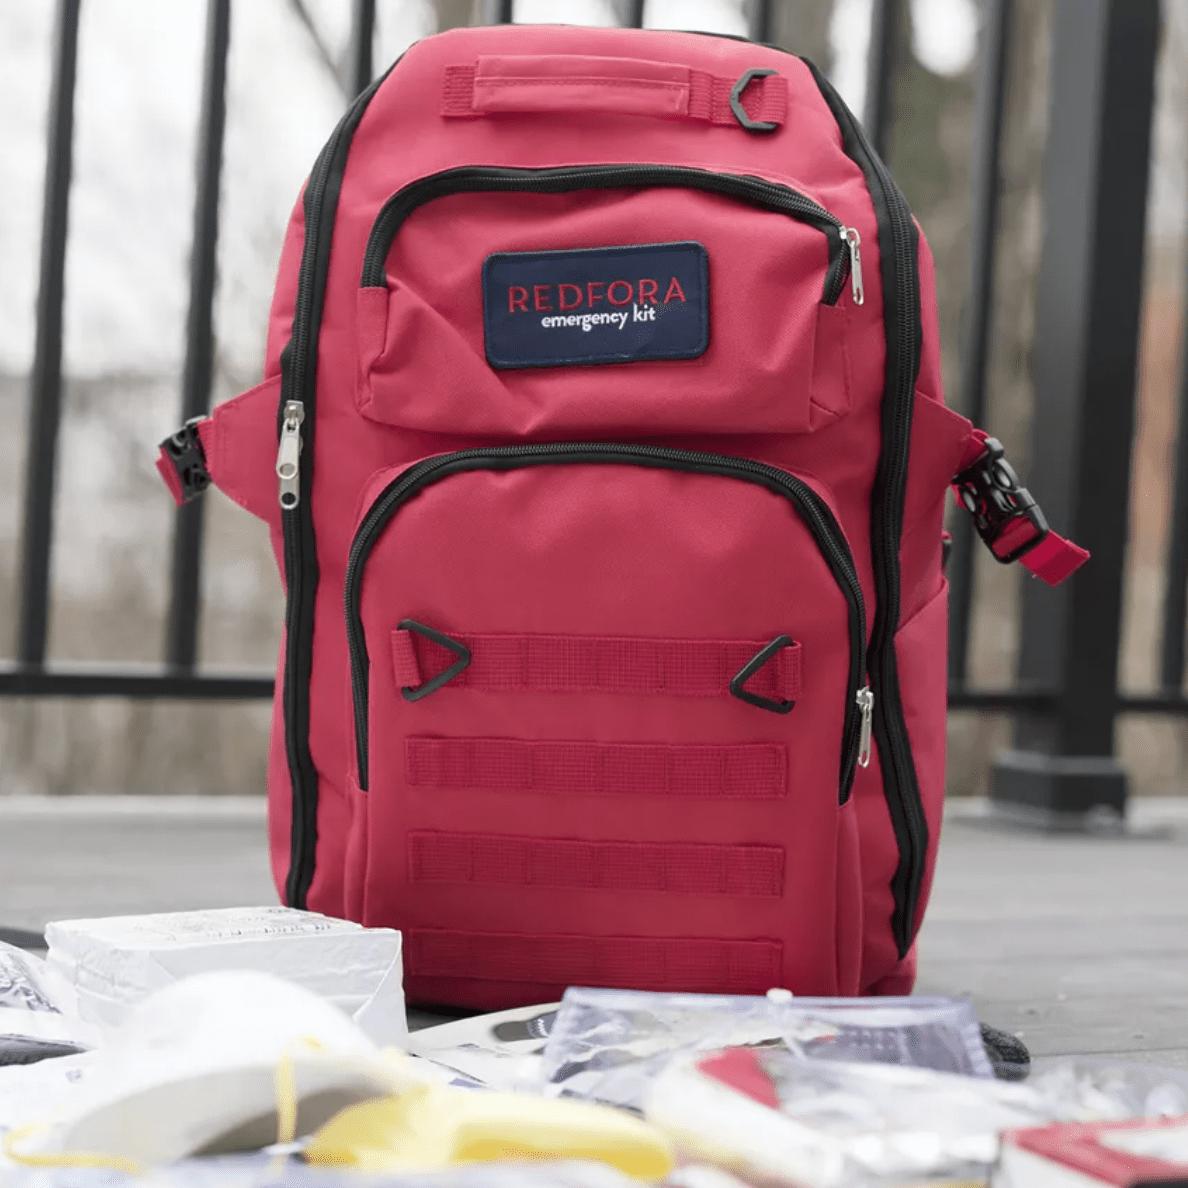 Redfora Emergency Kit